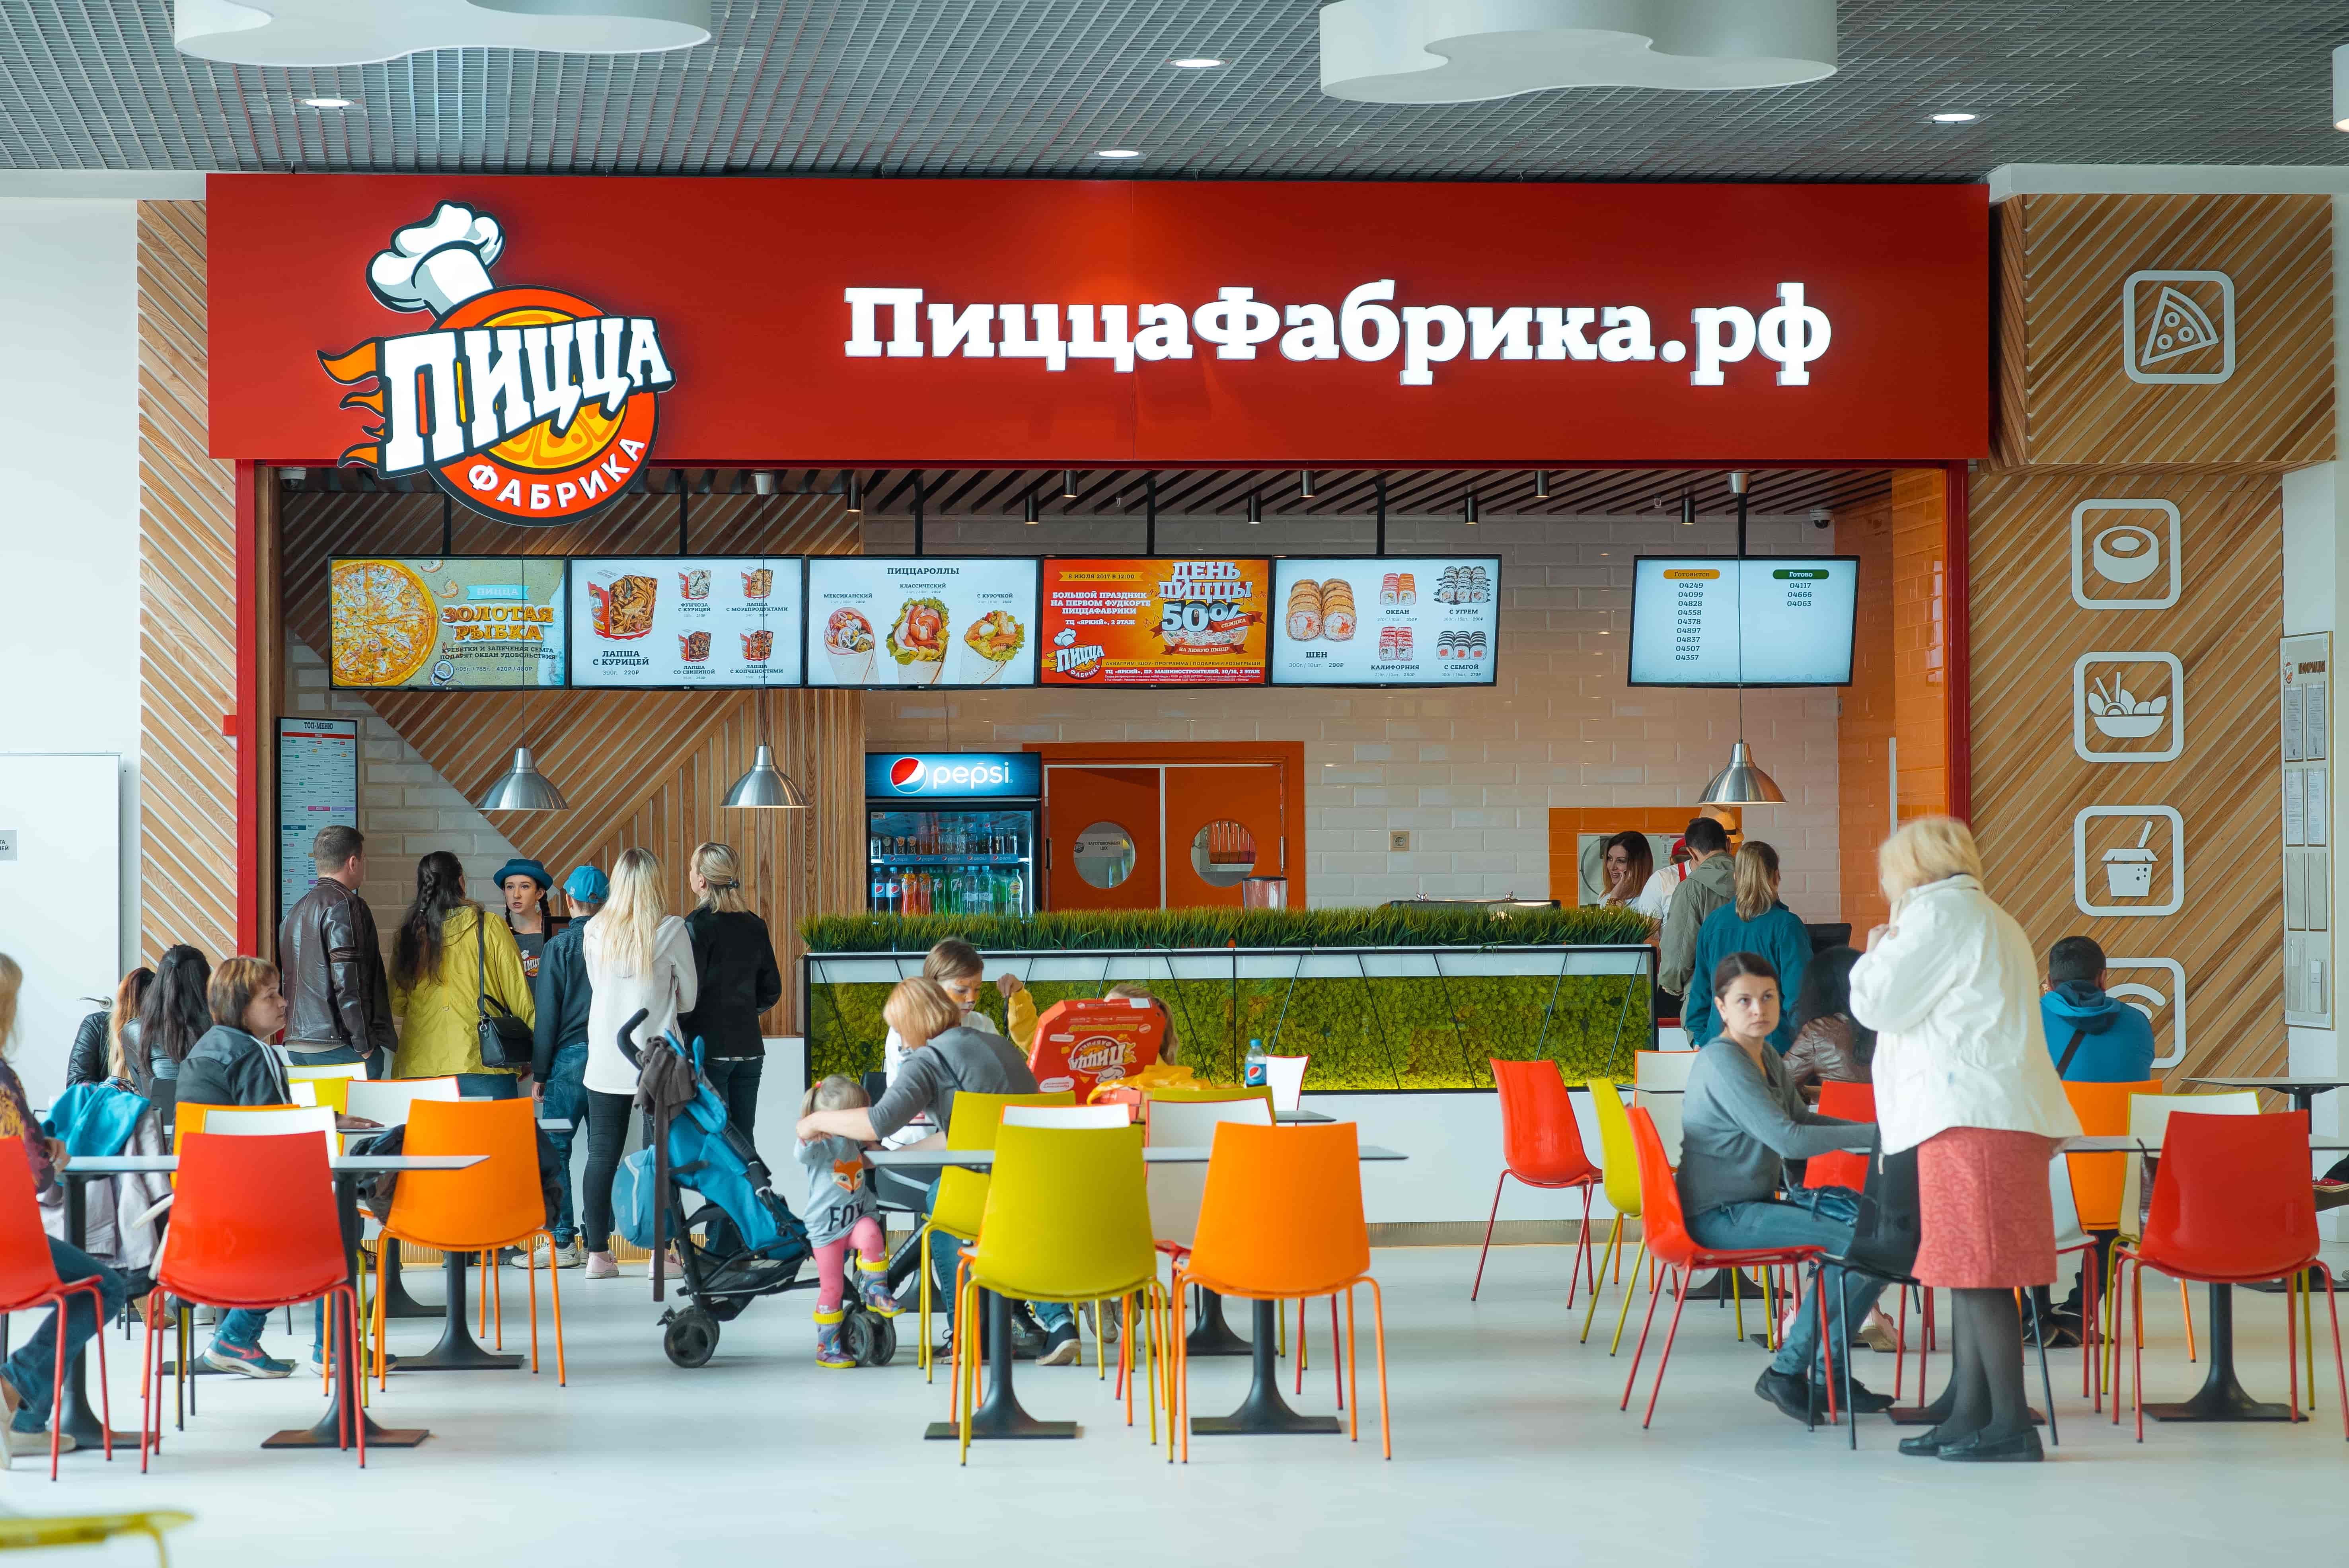 Фуд-корт ПиццаФабрика в ТЦ Яркий